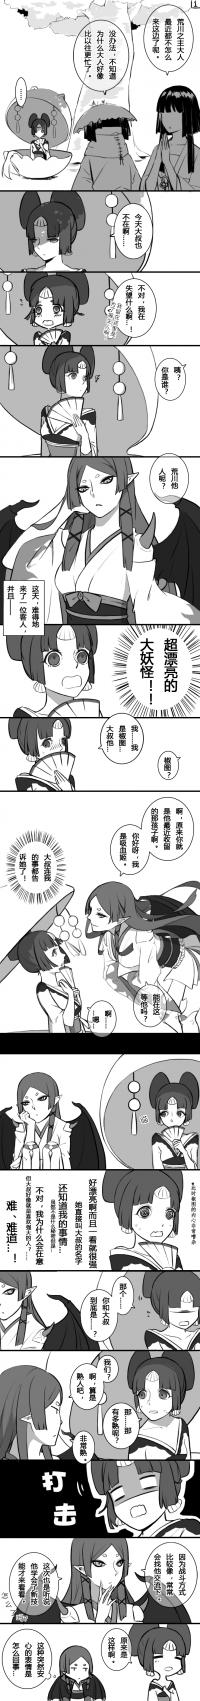 【条漫连载】川中落贝 07话(荒椒邪教请注意)